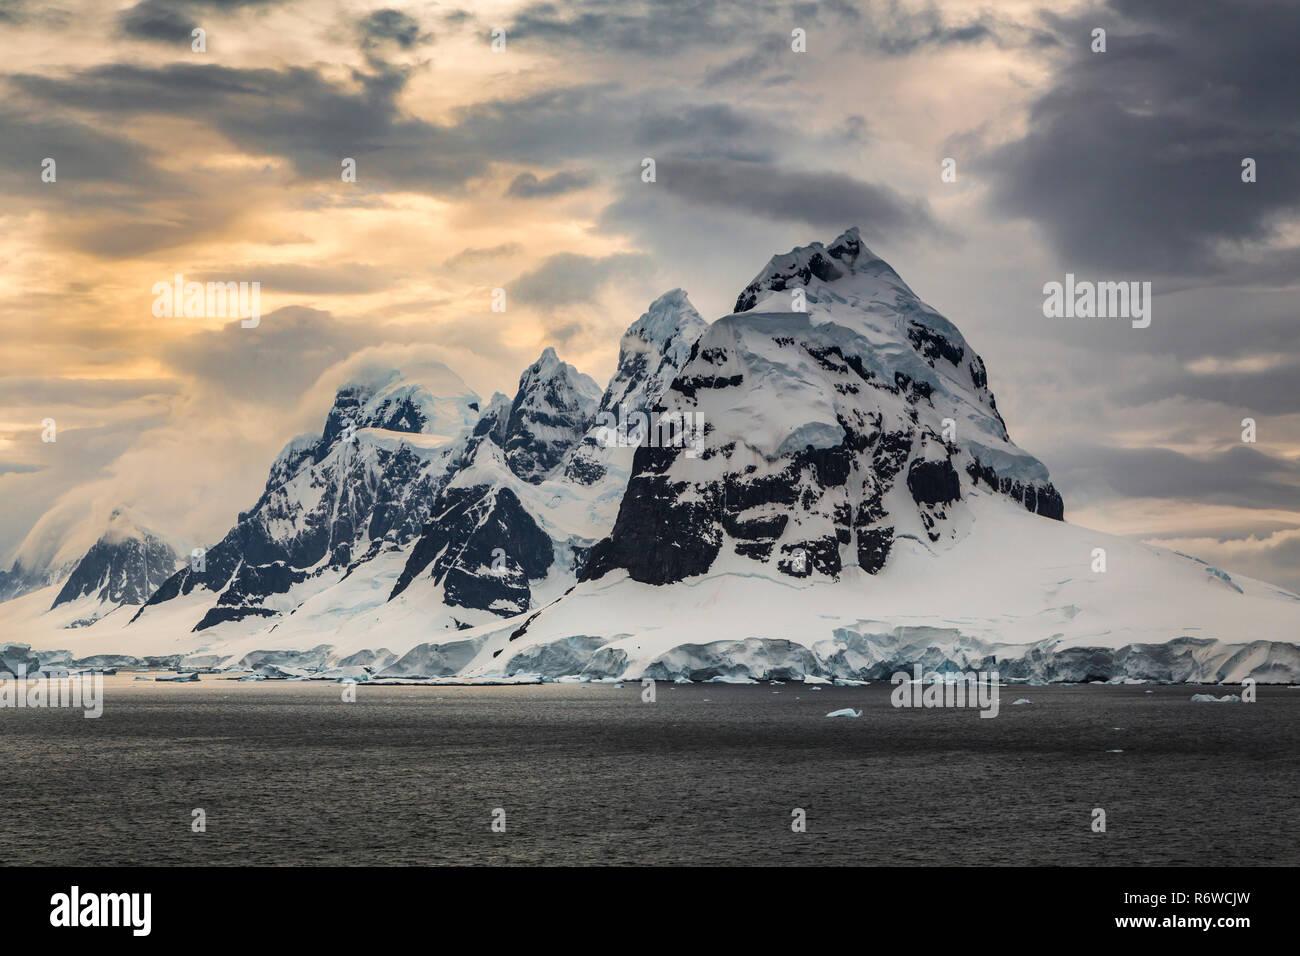 L'antarctique ice bergs dans la péninsule antarctique. Photo Stock